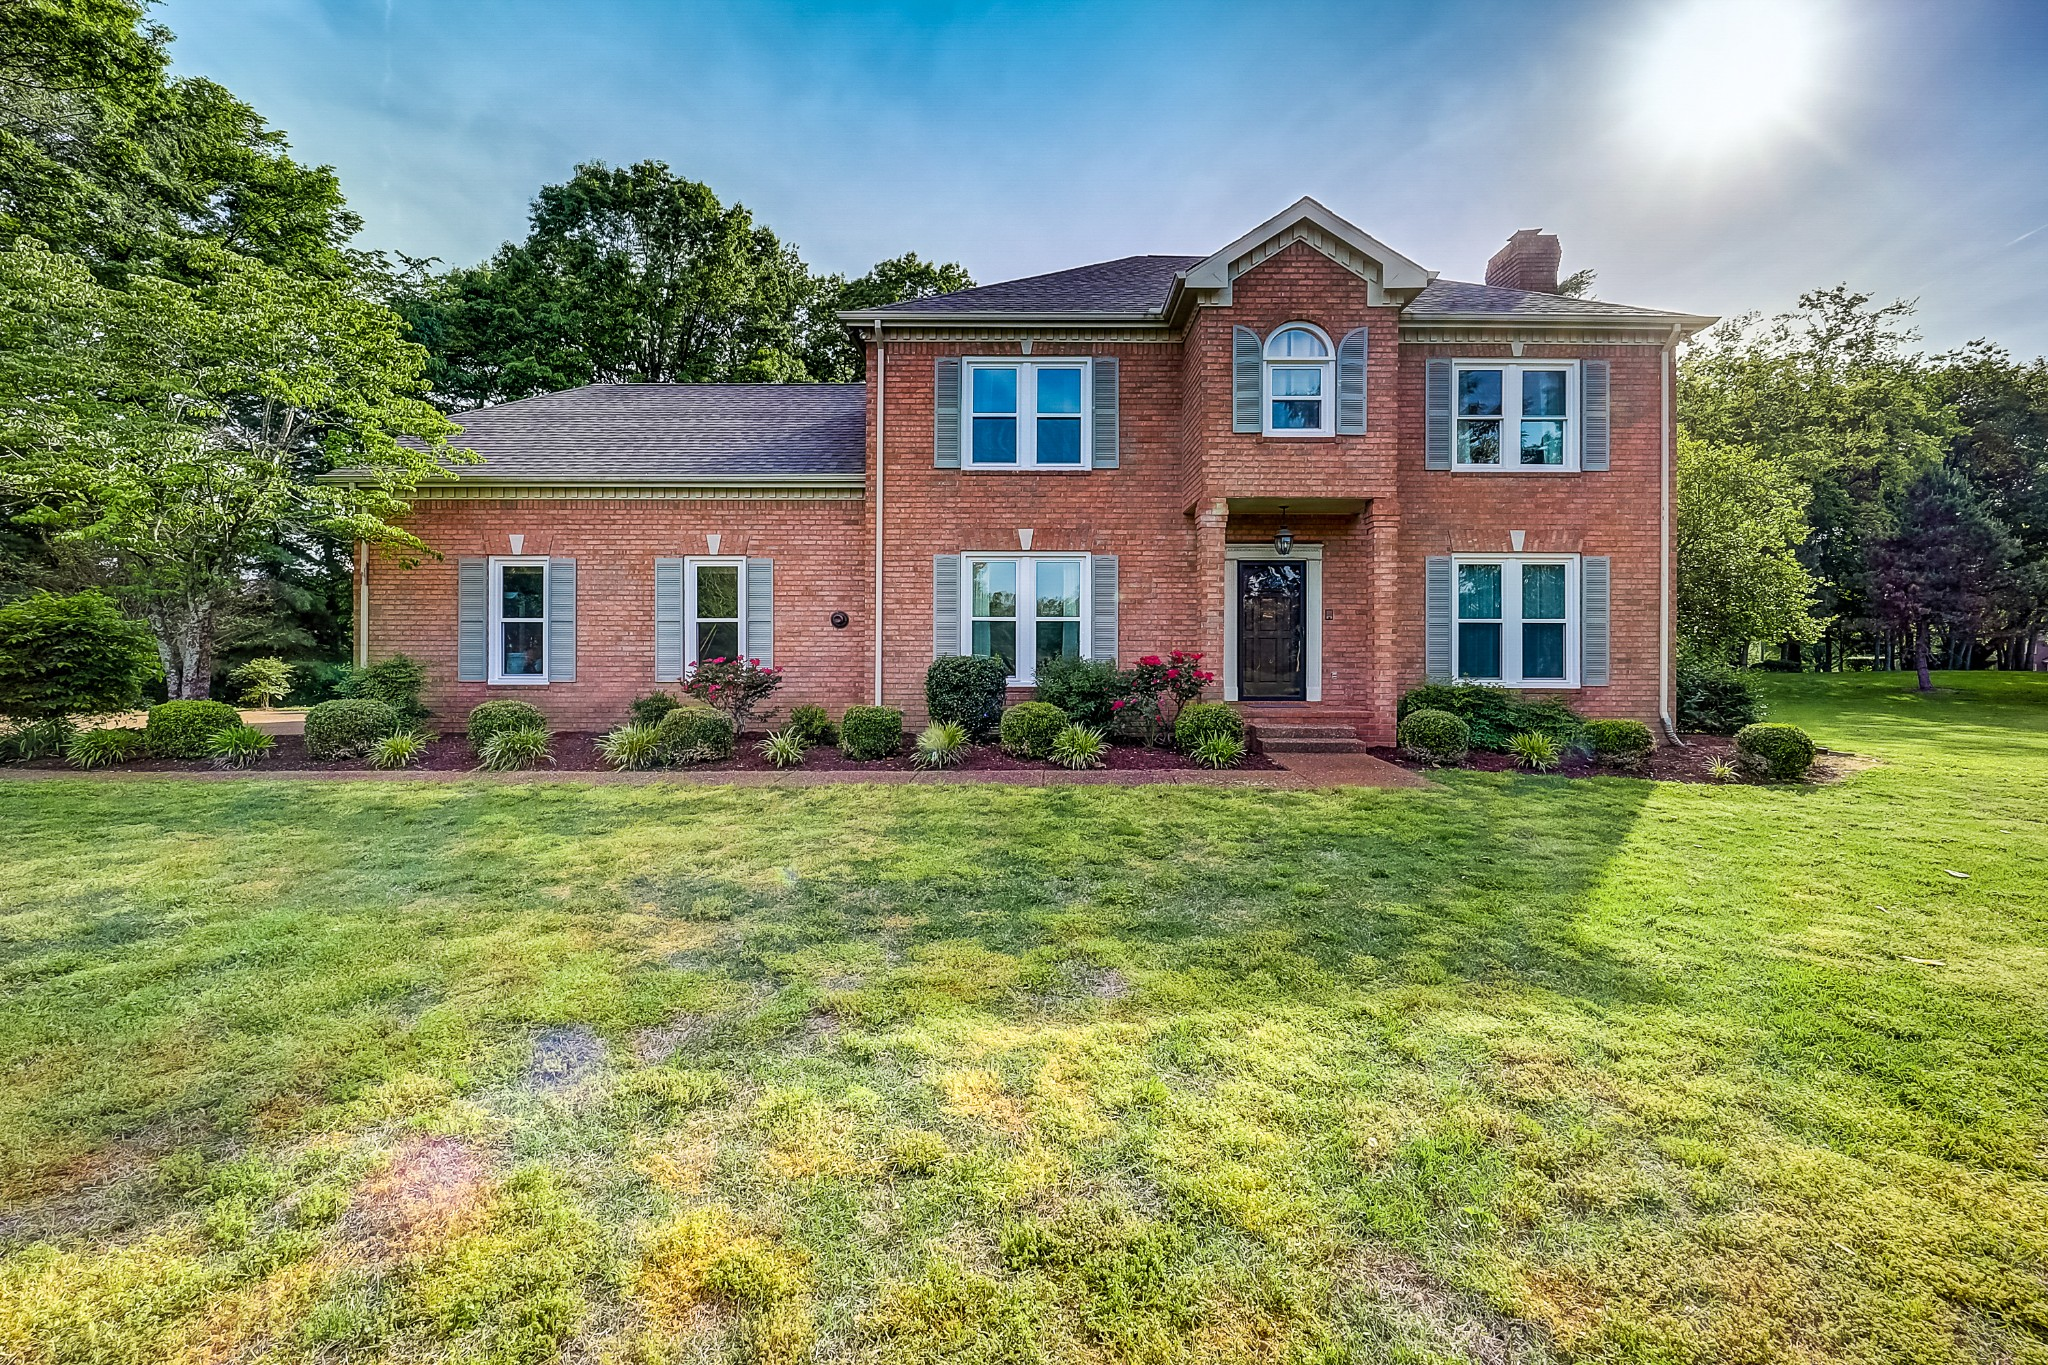 608 Adelynn Ct, S, Franklin, TN 37064 - Franklin, TN real estate listing